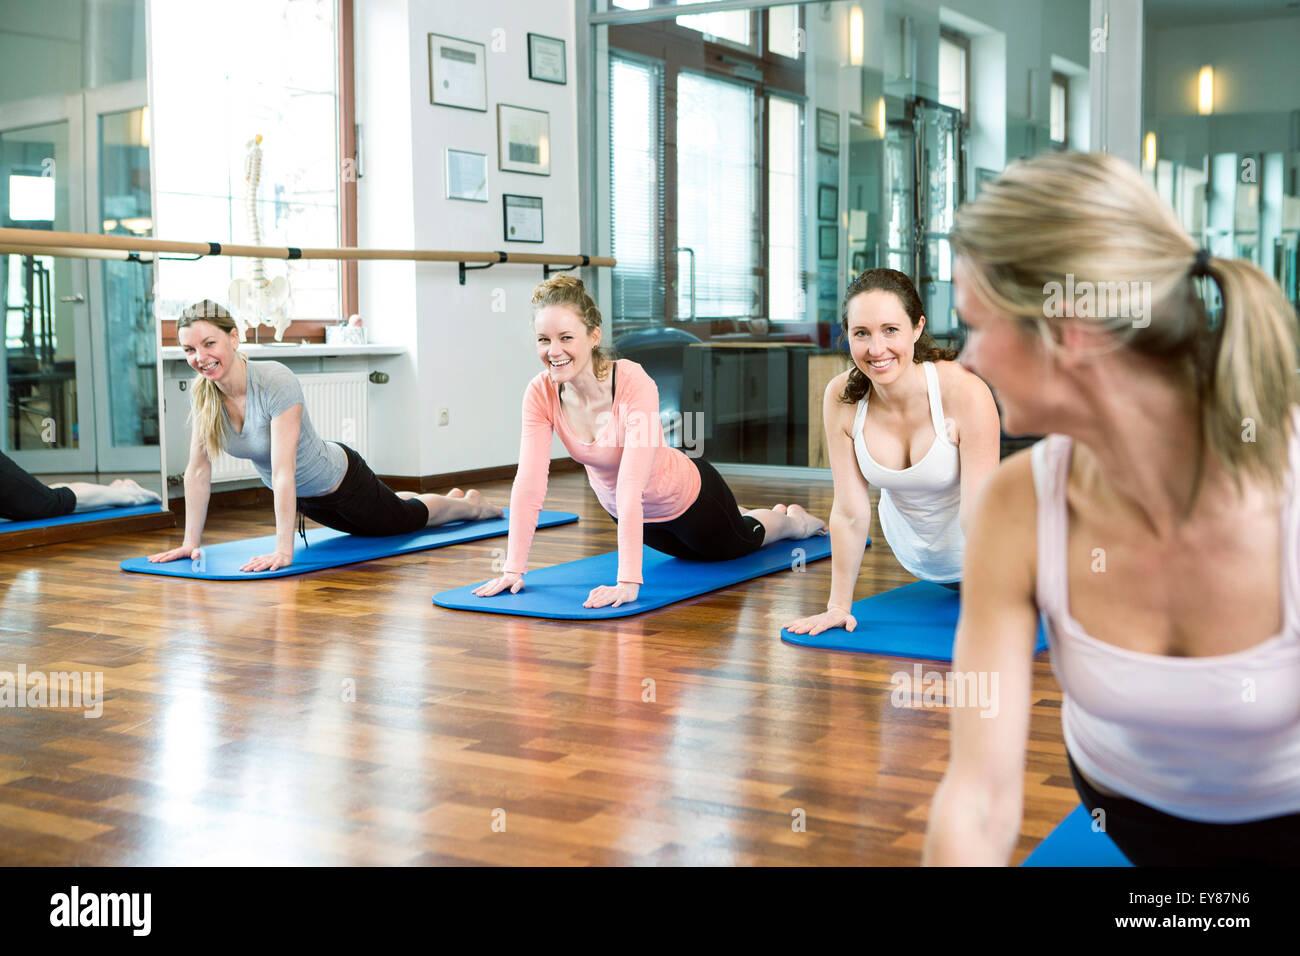 Grupo de mujeres haciendo ejercicios de Pilates Imagen De Stock